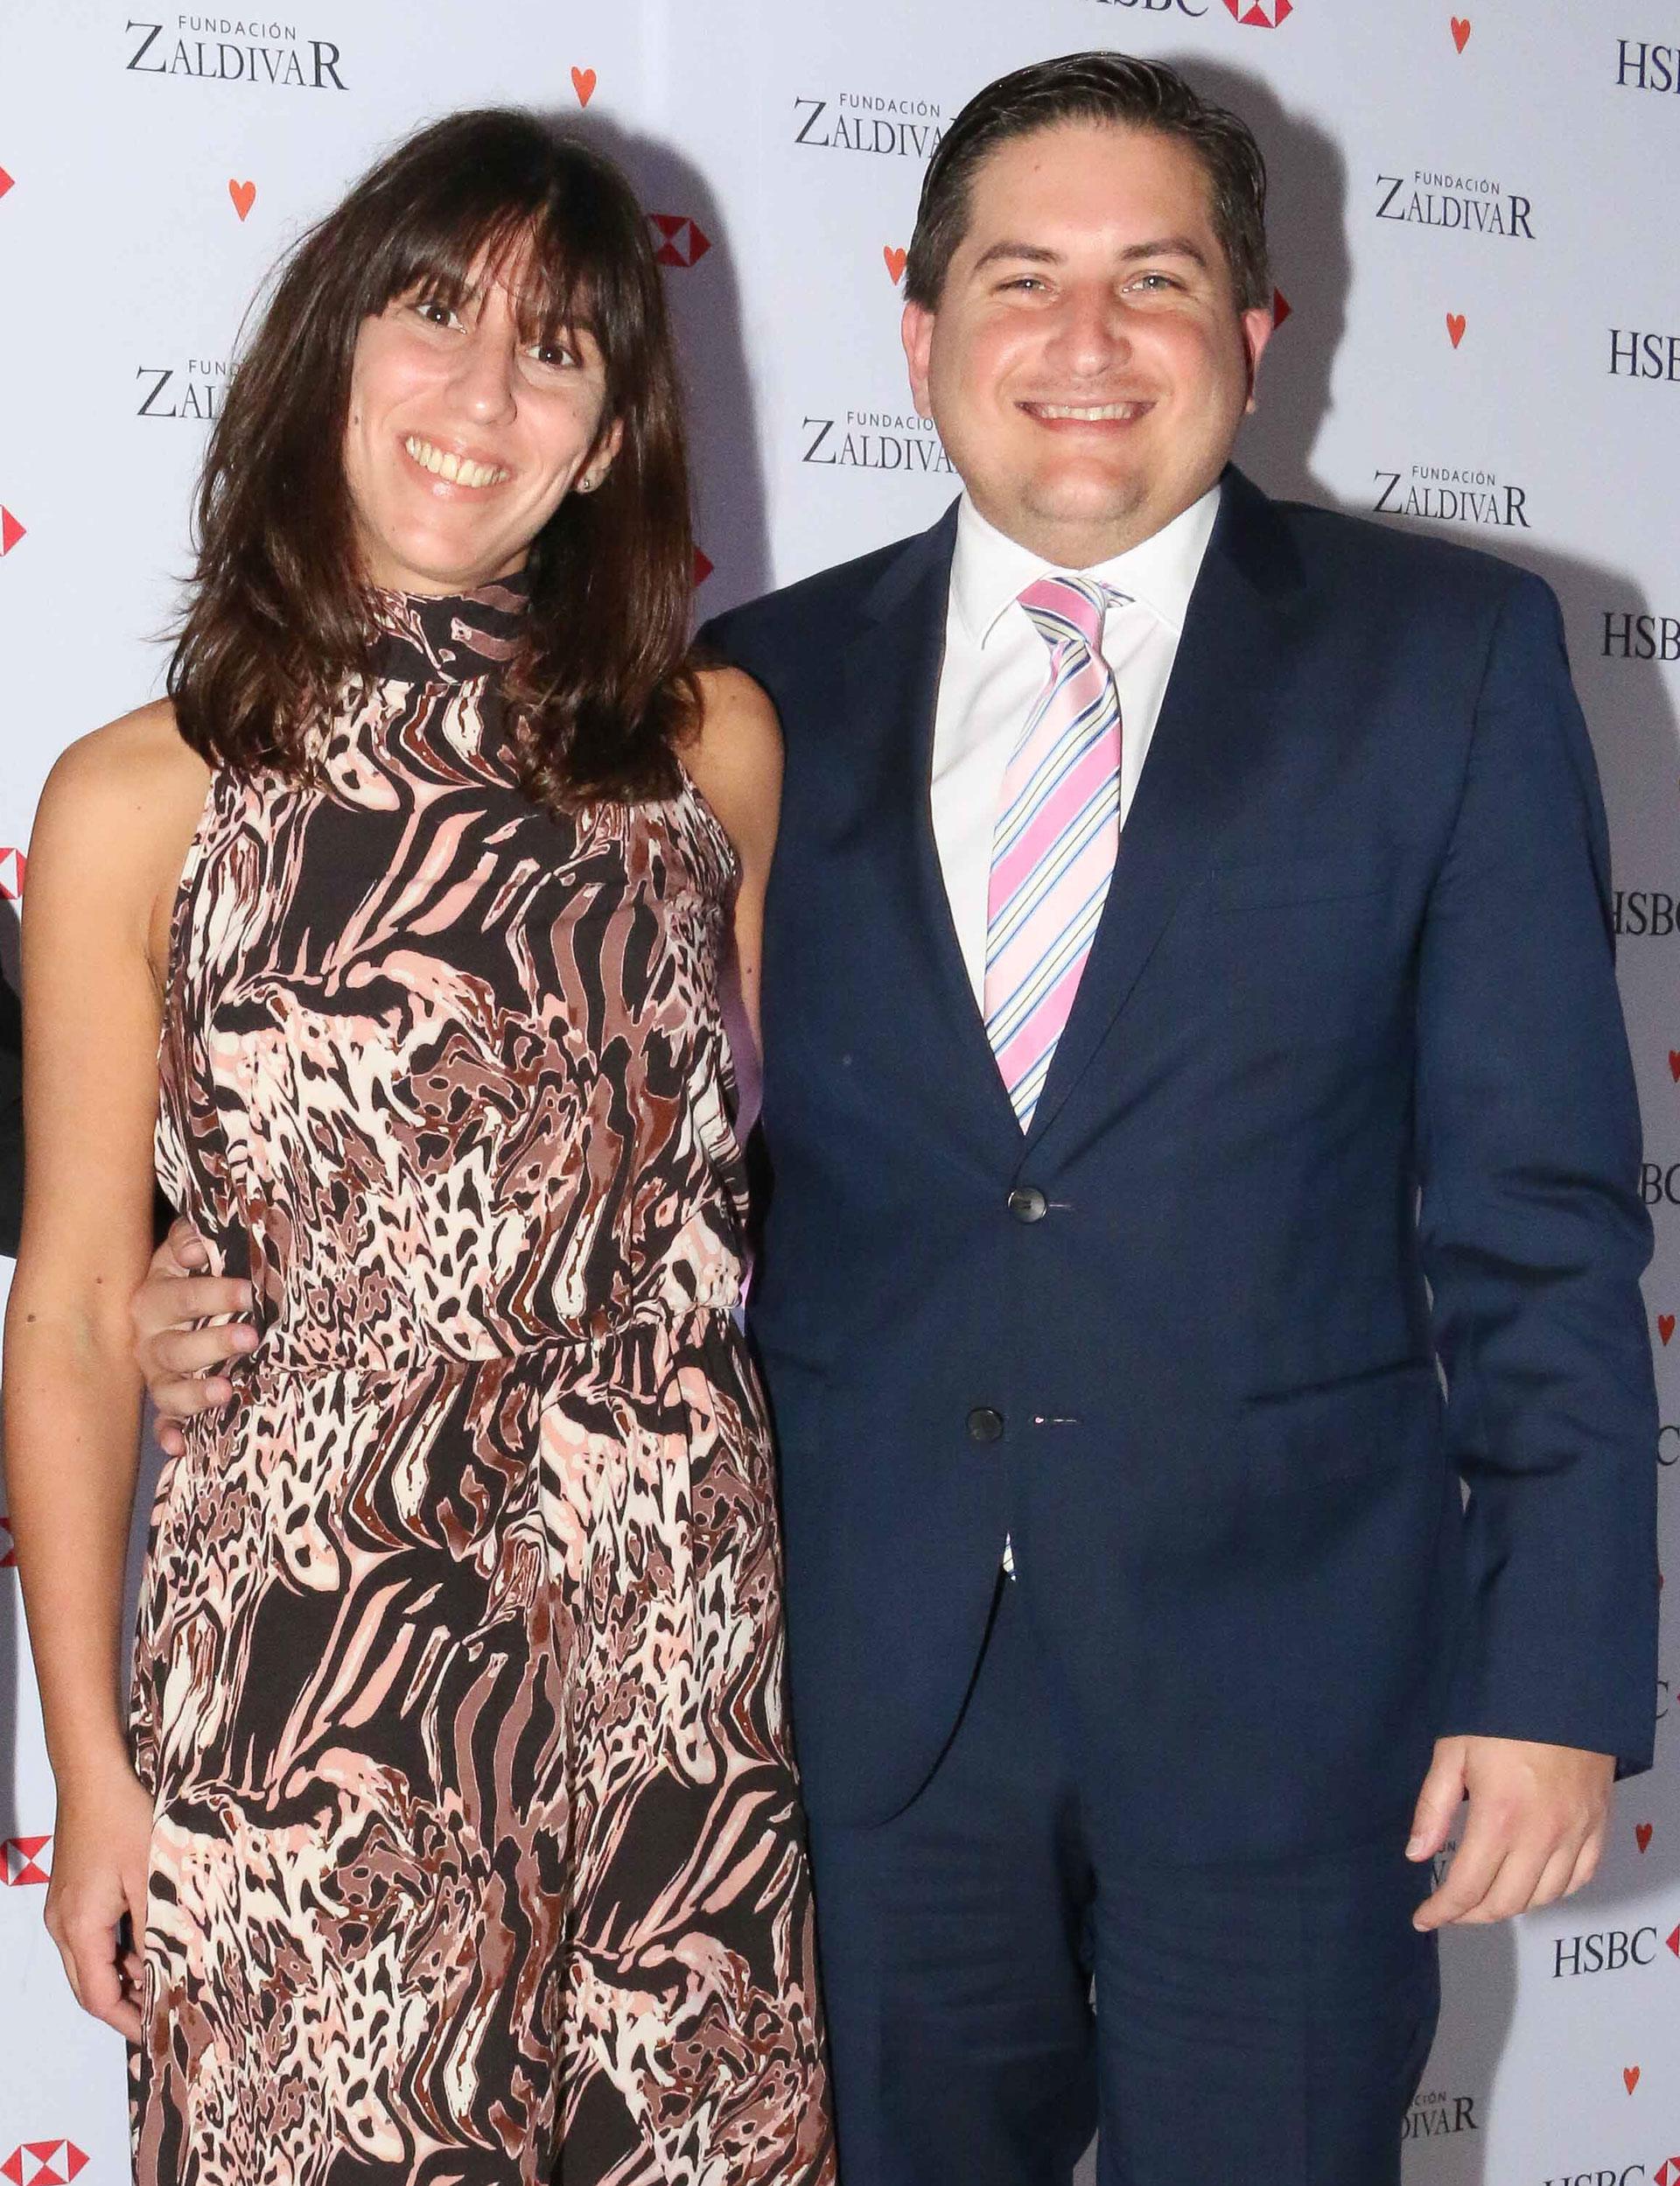 Gastón Corral, director de Sustentabilidad Corporativa de HSBC Argentina, y su mujer